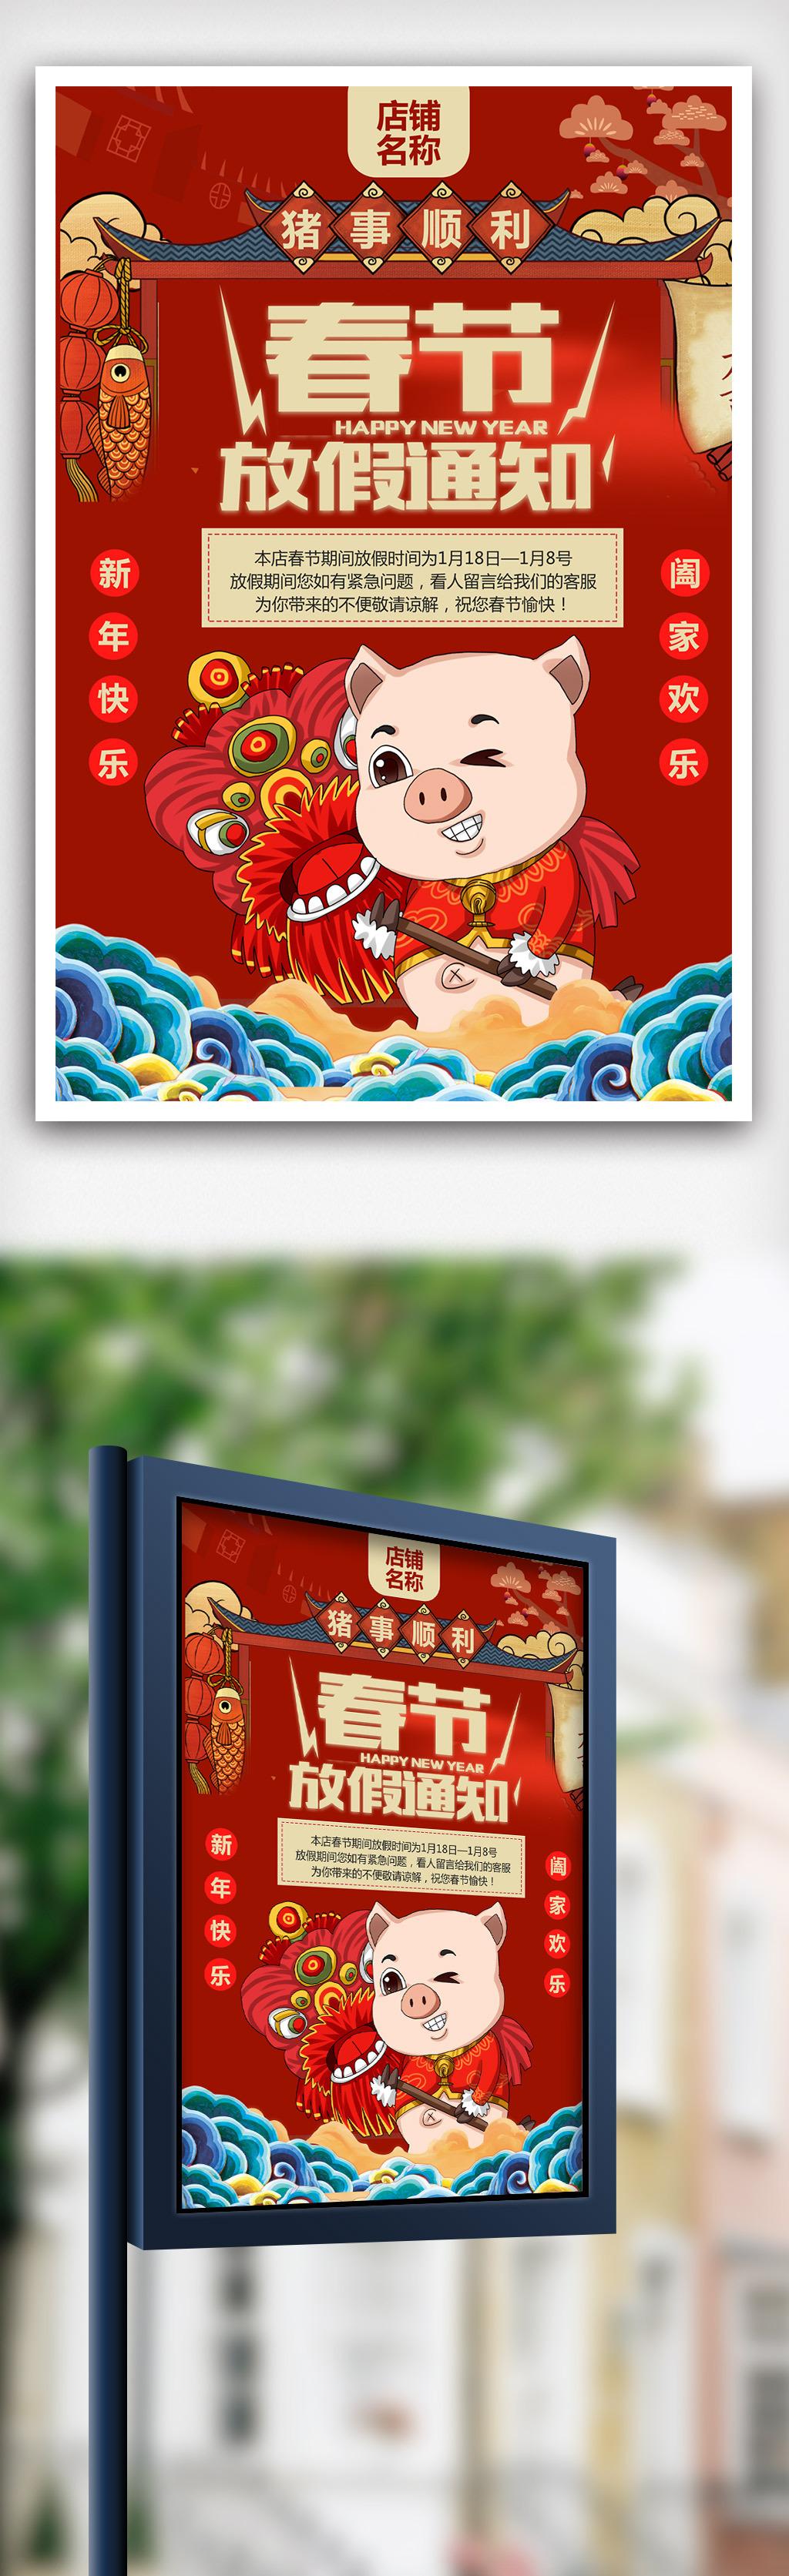 原创设计红色喜庆放假通知海报模板素材是用户qqcd856a02b5e85在2018